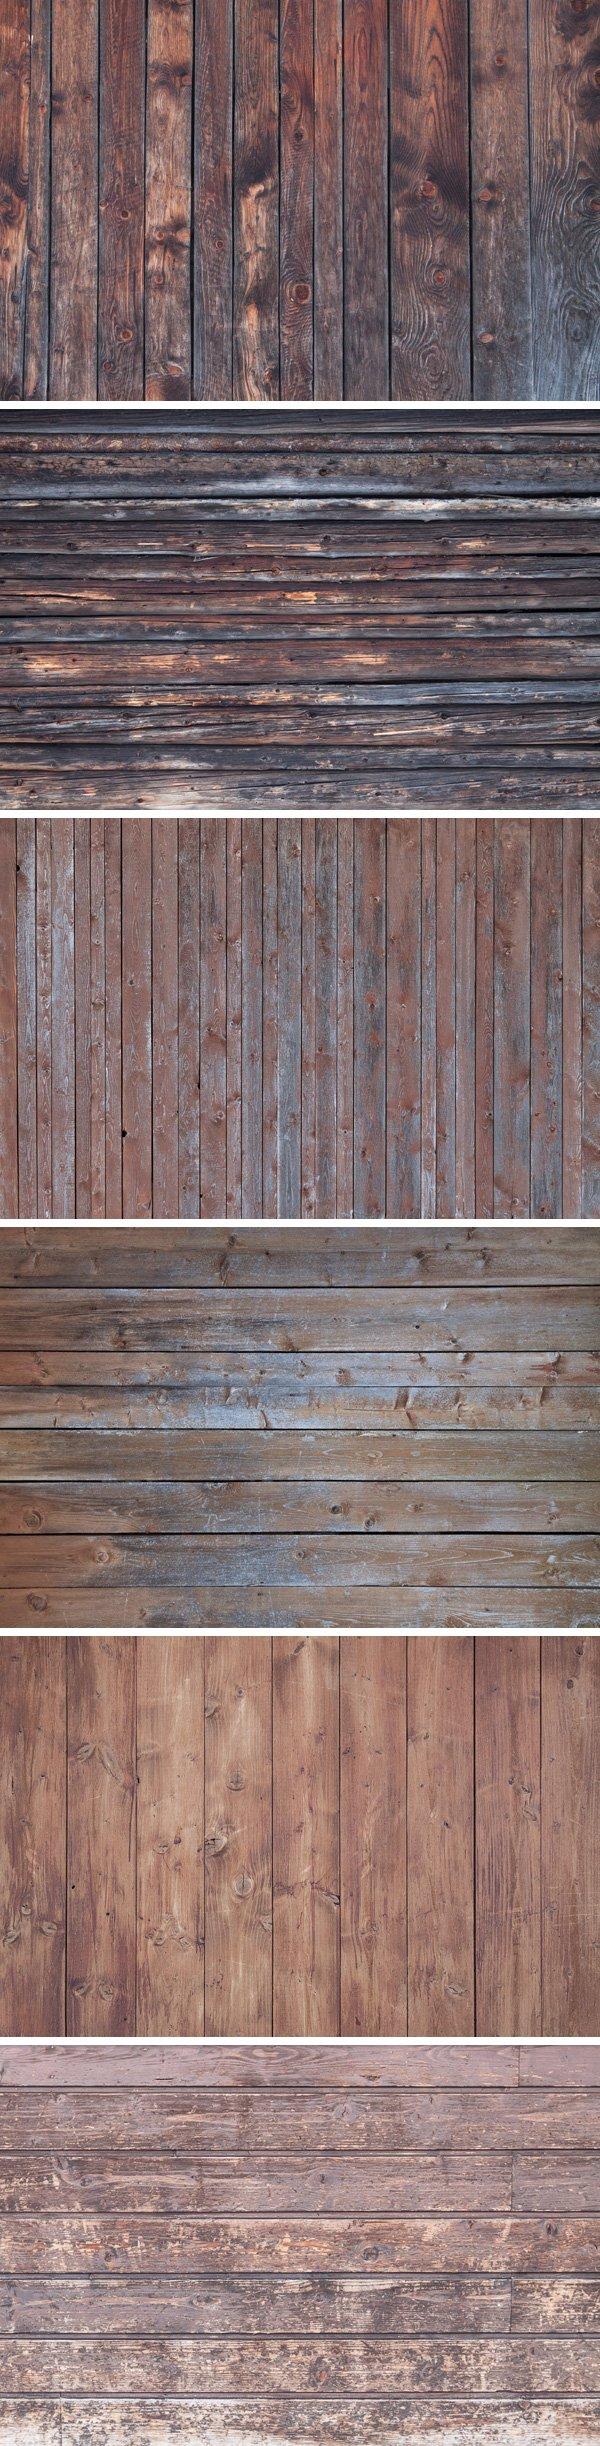 6 Vintage Wood Textures (.Jpg) скачать бесплатно